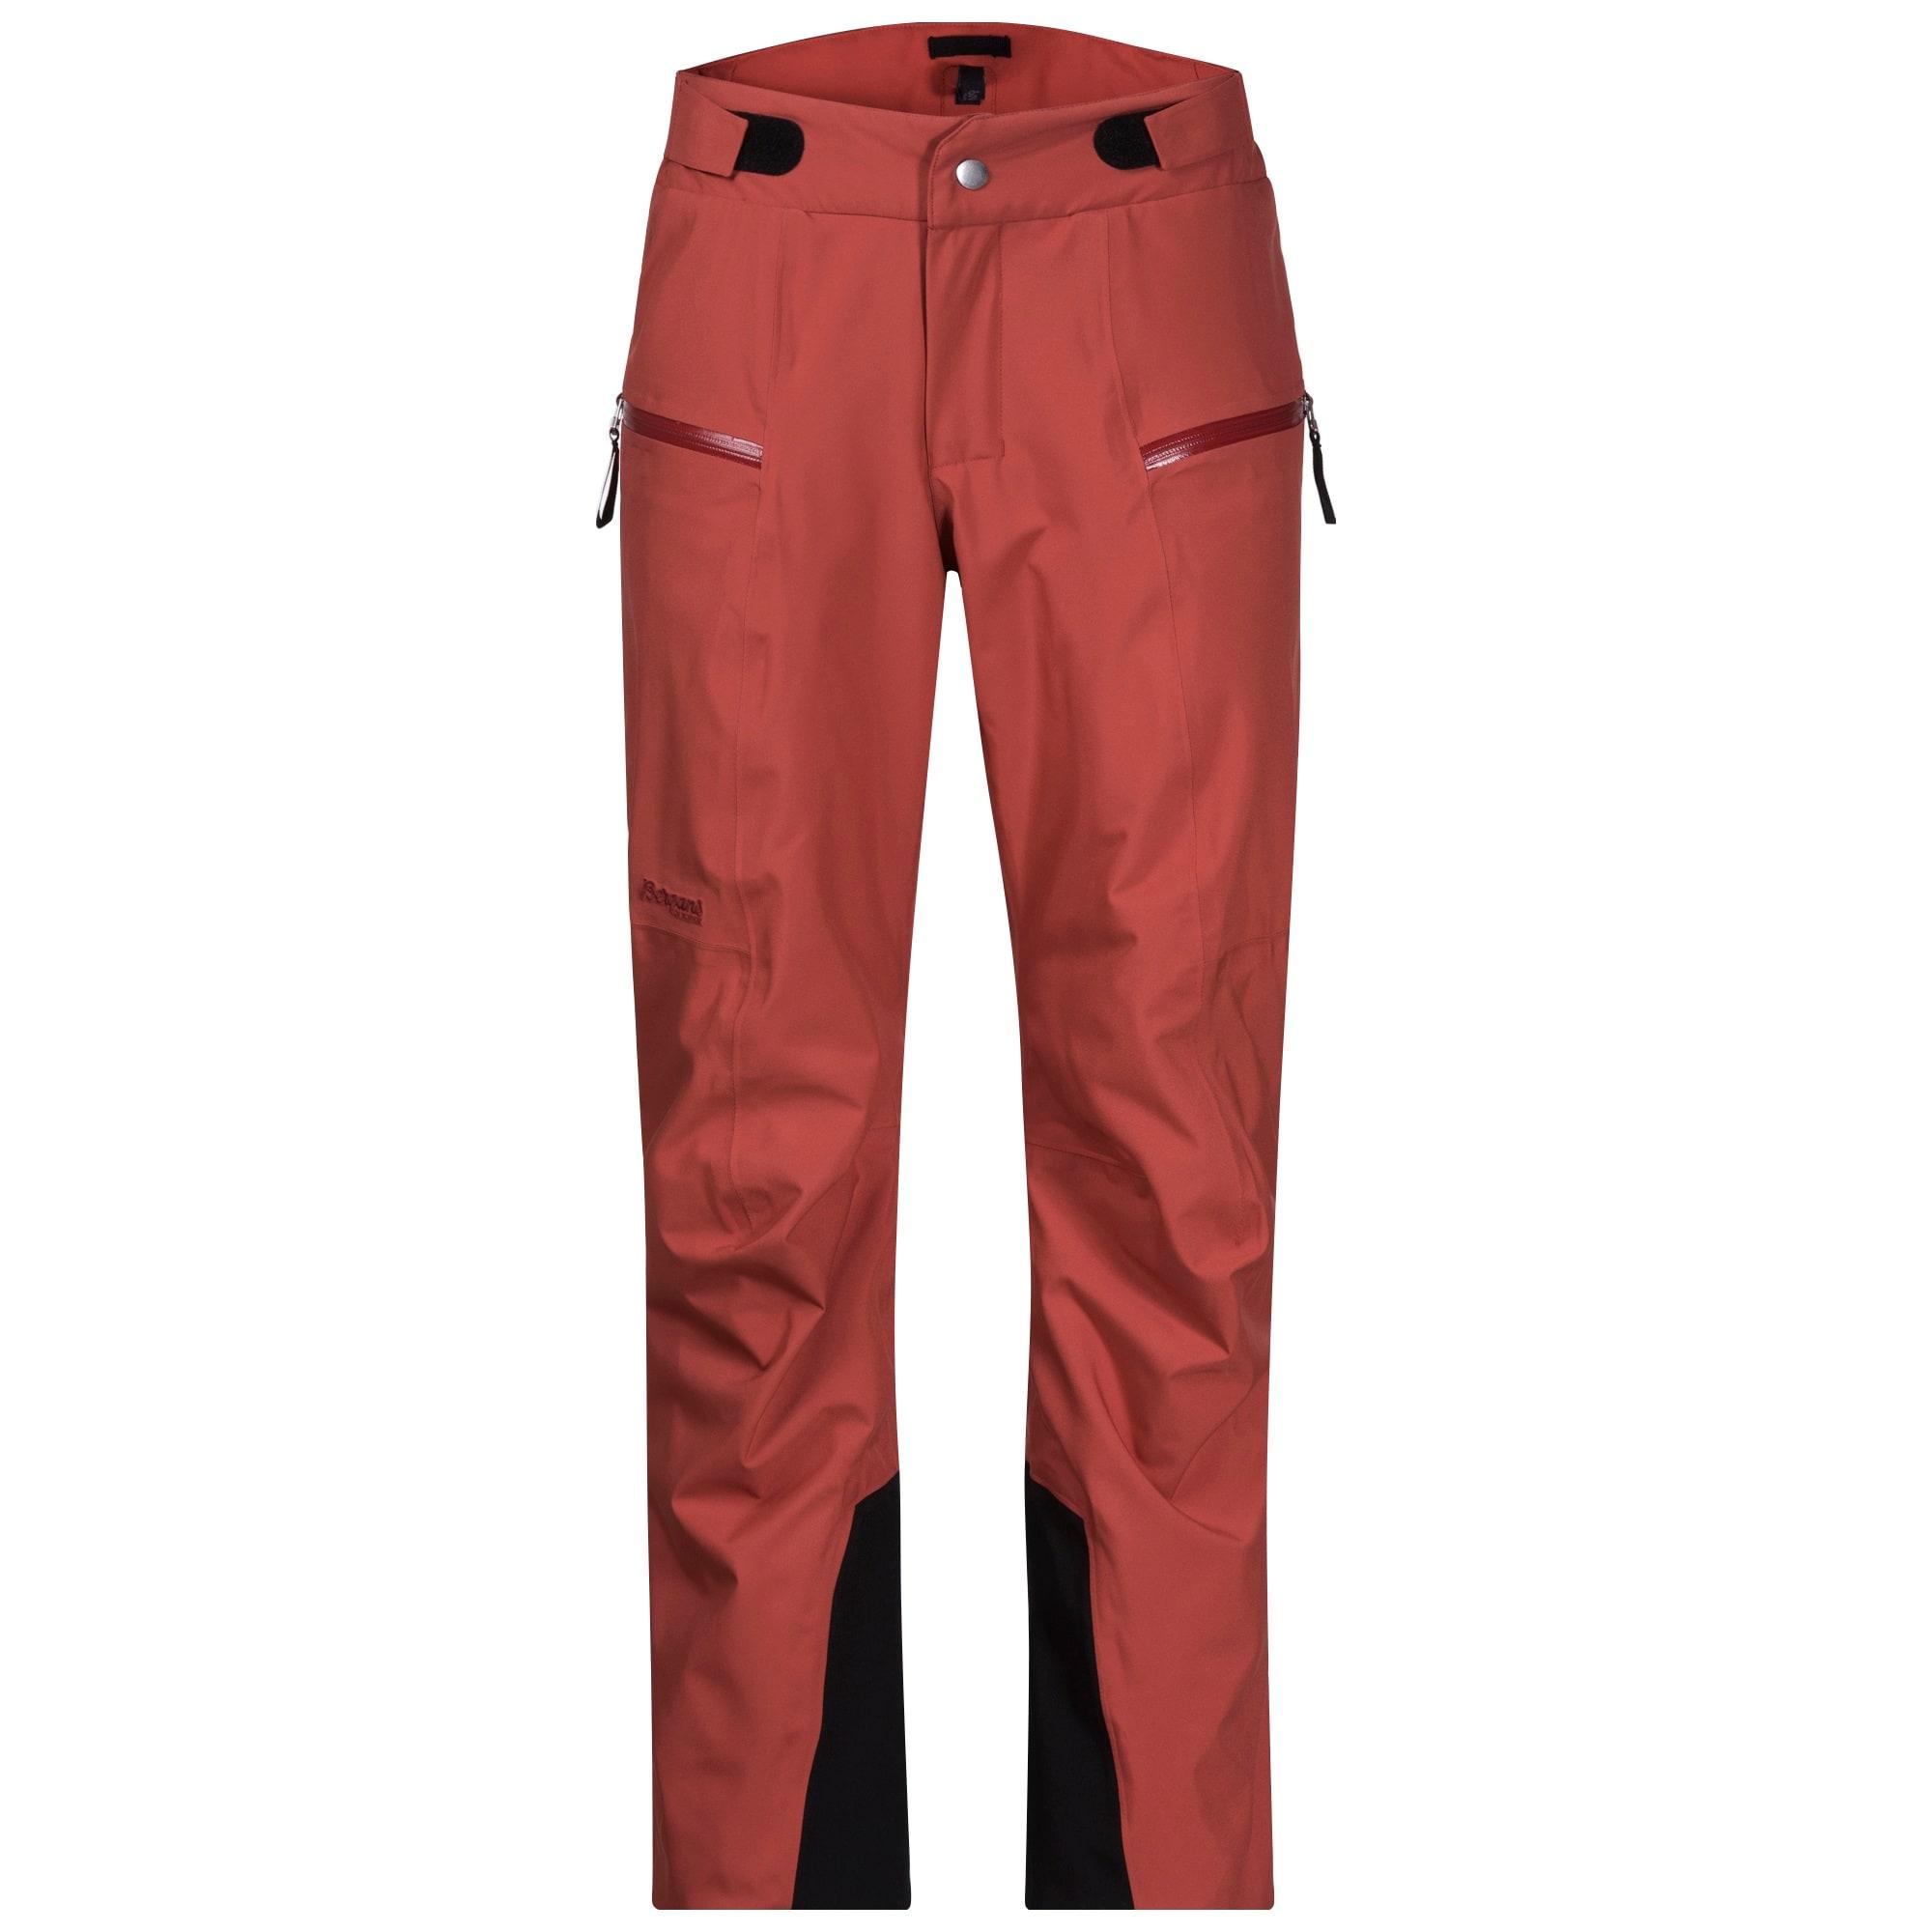 Bergans Stranda Lady Pant. | Pants for women, Lady, Black jeans